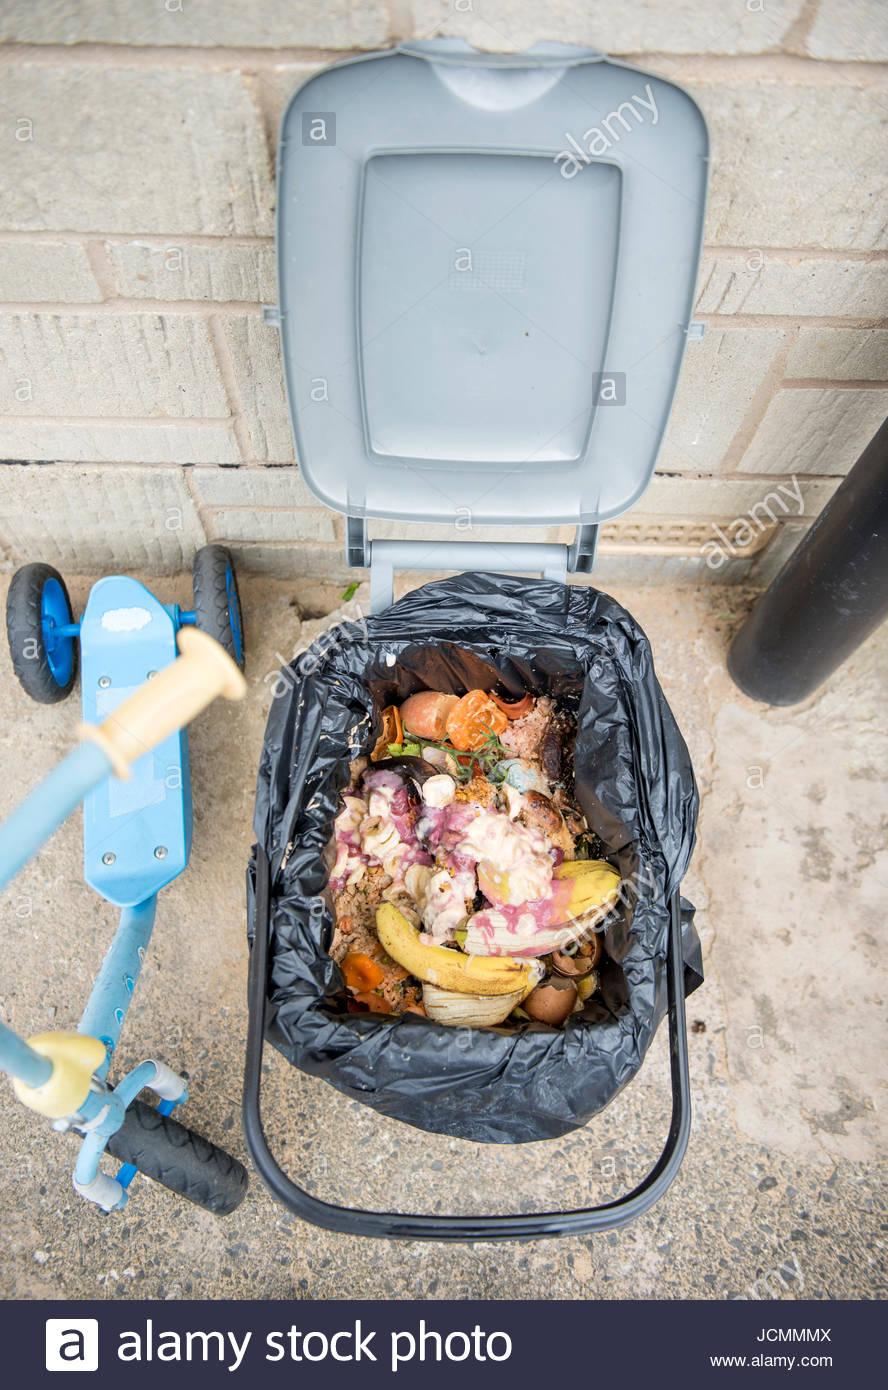 Full Size of Abfallbehälter Küche Mintgrün Kleine Einbauküche Günstige Mit E Geräten Günstig Barhocker L Pantryküche Kühlschrank Eckschrank Singelküche Küche Abfallbehälter Küche